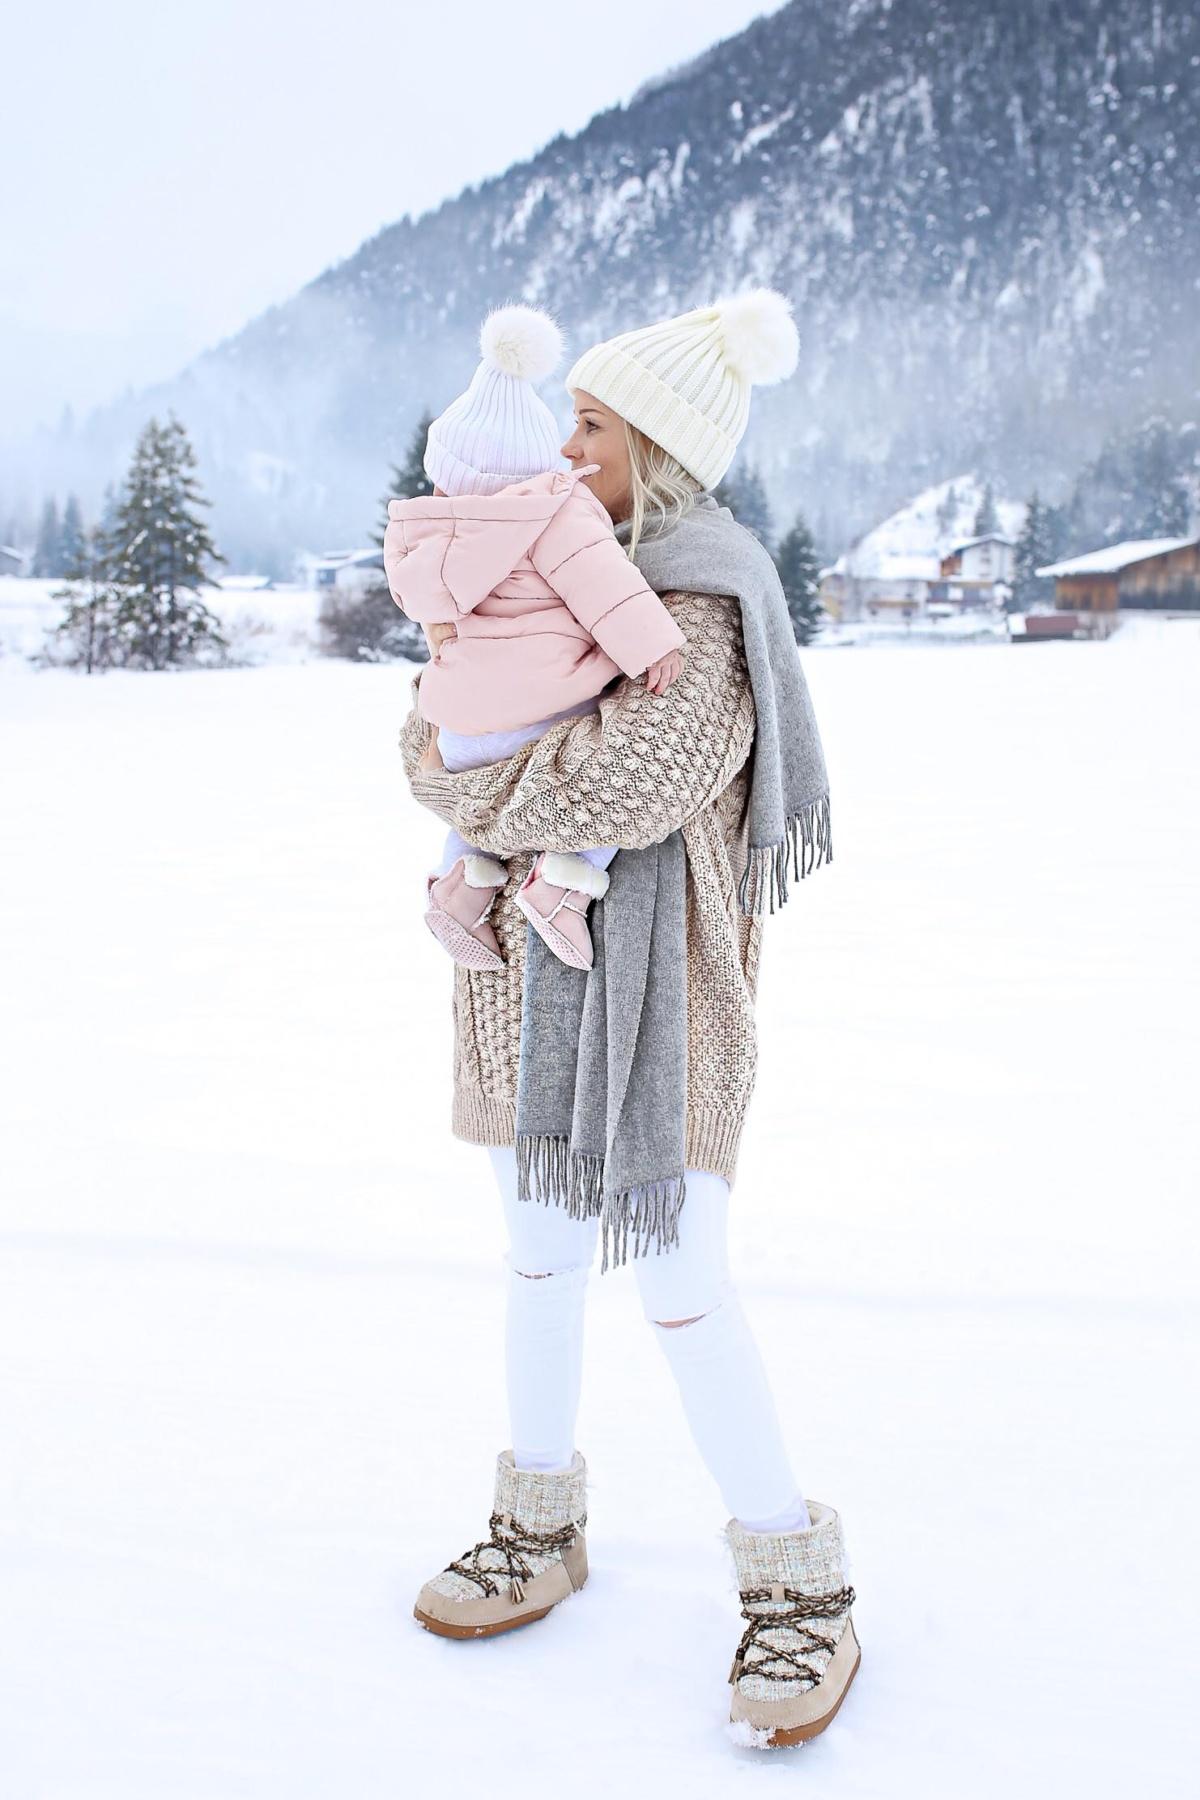 stylingliebe-lifestyleblogger-mamablog-fashionblog-muenchen-styleblog-munich-blogger-deutschland-fashionblogger-lifestyleblog-mamablogger-modeblog-styleblog-alles-ist-anders-seitdem-sie-da-ist-2